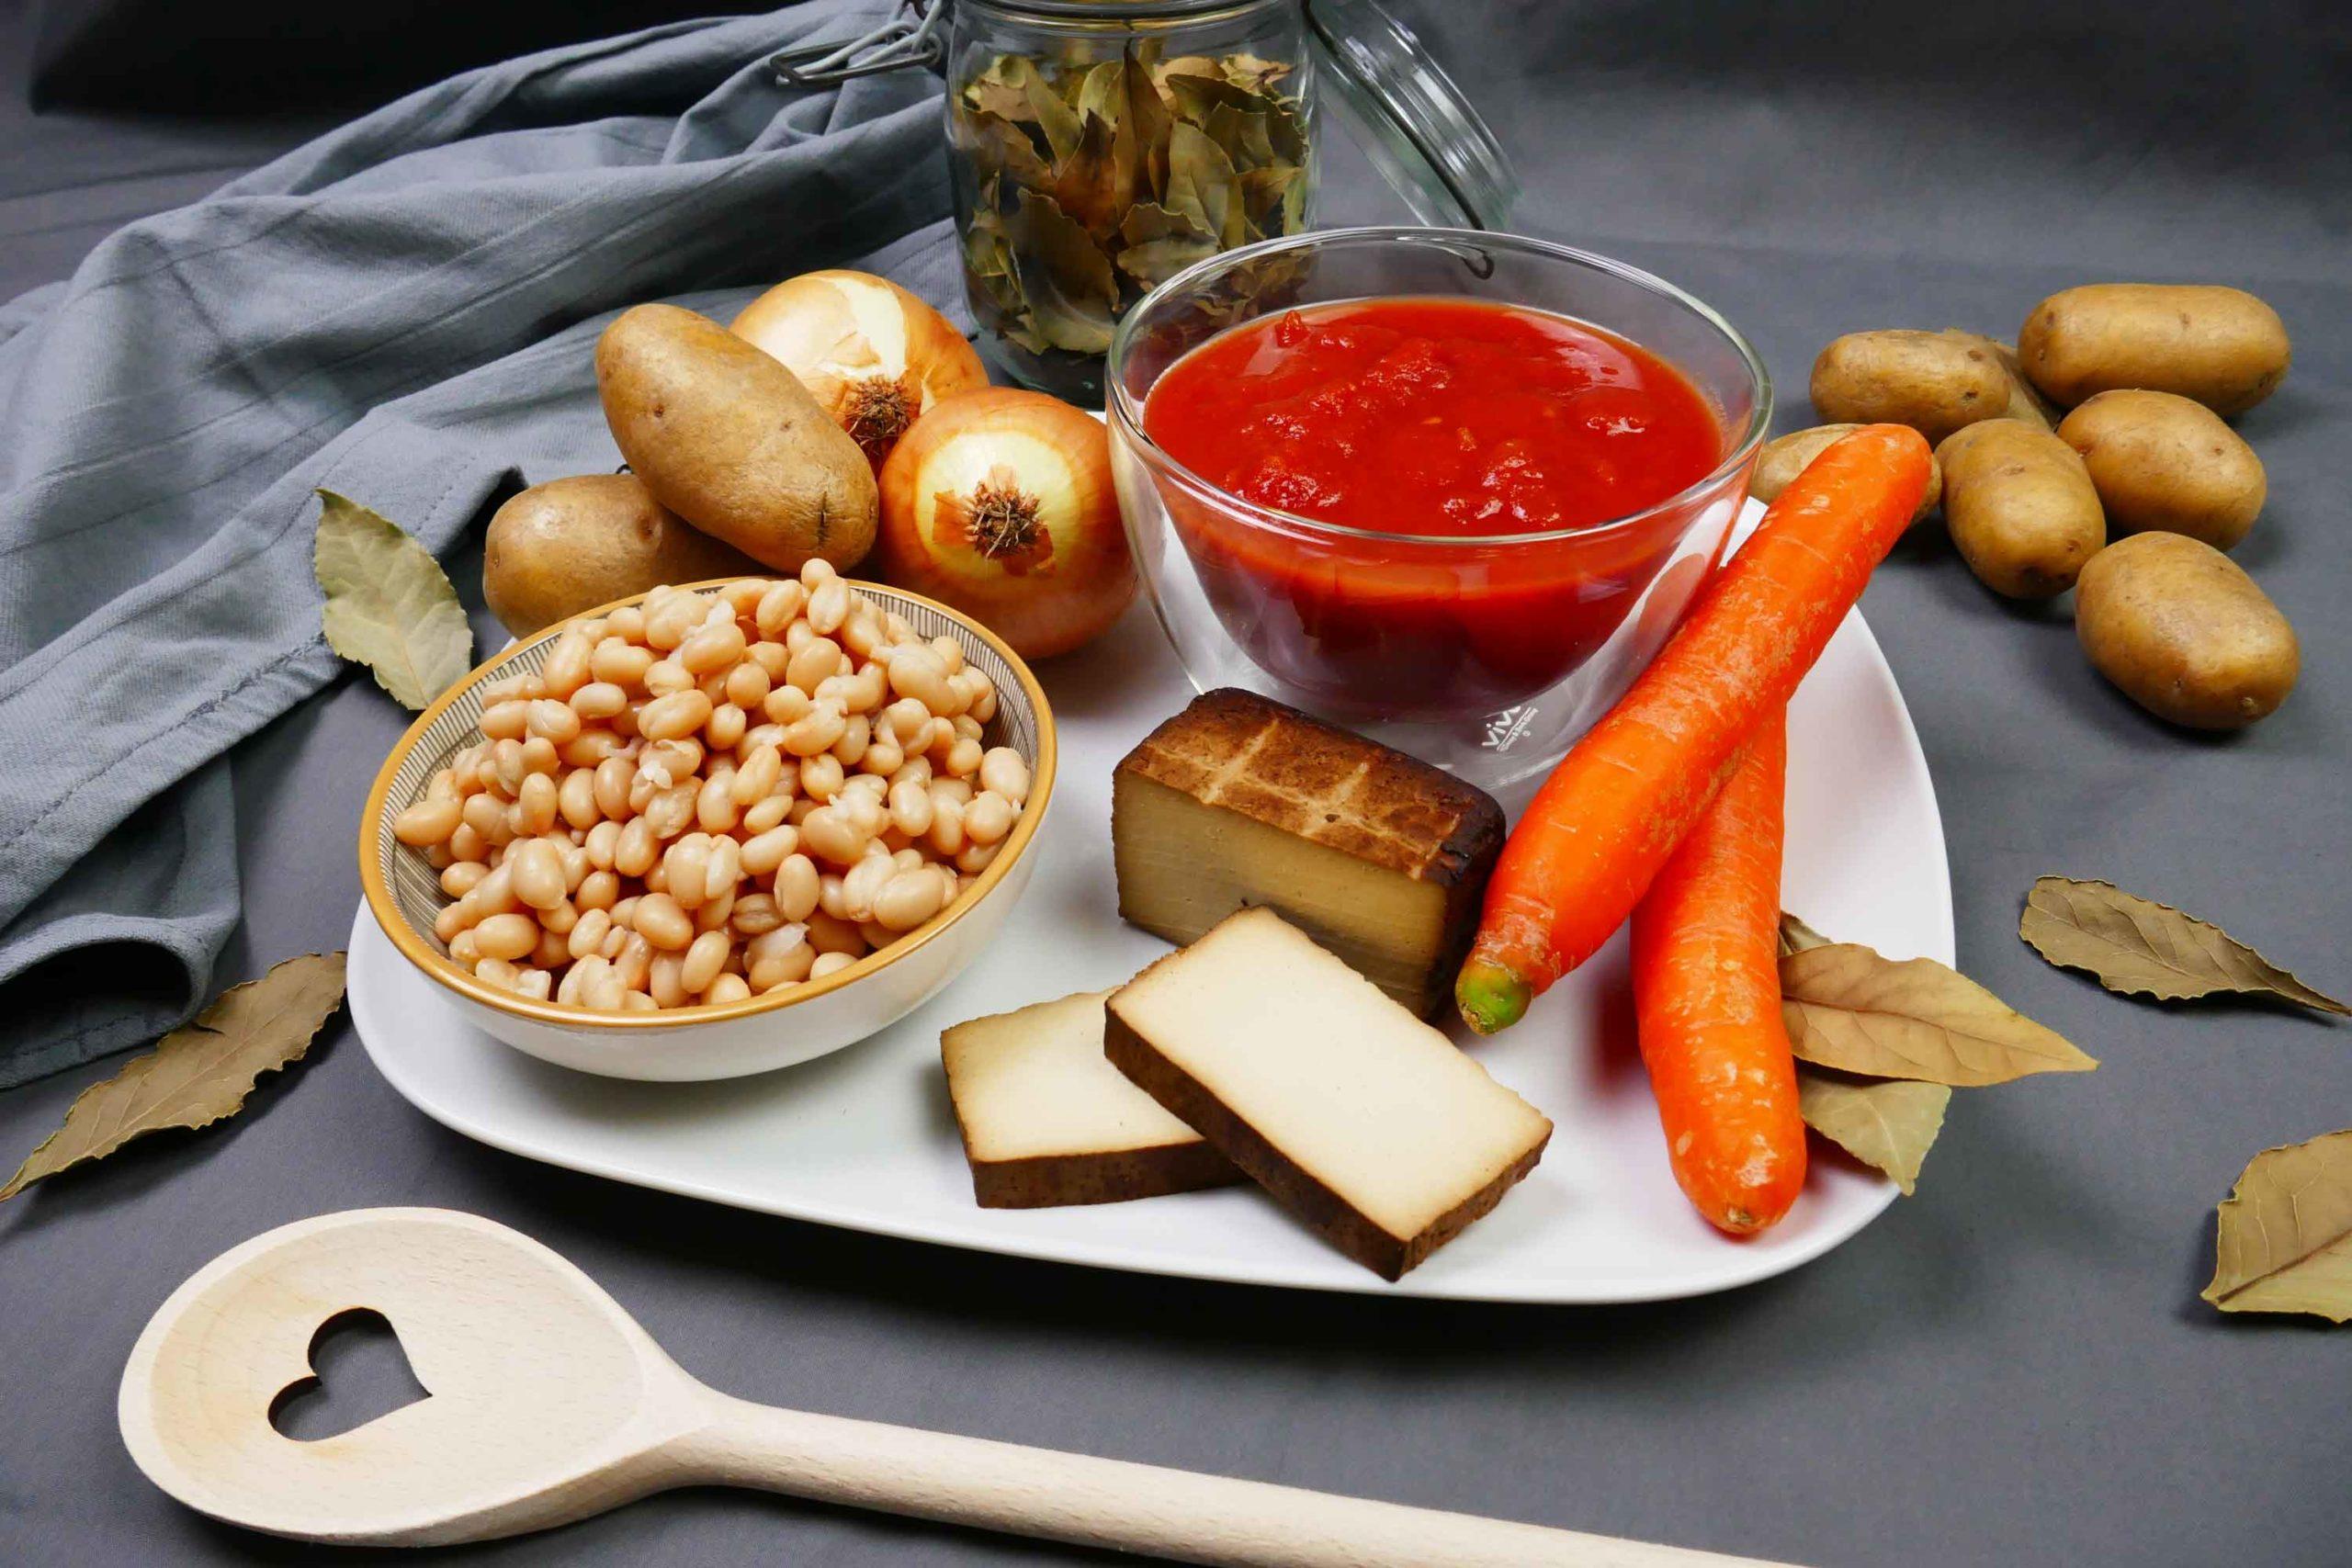 Serbische Bohnensuppe Zutaten, weiße Bohnen, geräucherter Tofu, Karotten, Tomatenpassata, Kartoffeln, Lorbeerblätter, Kochlöffel